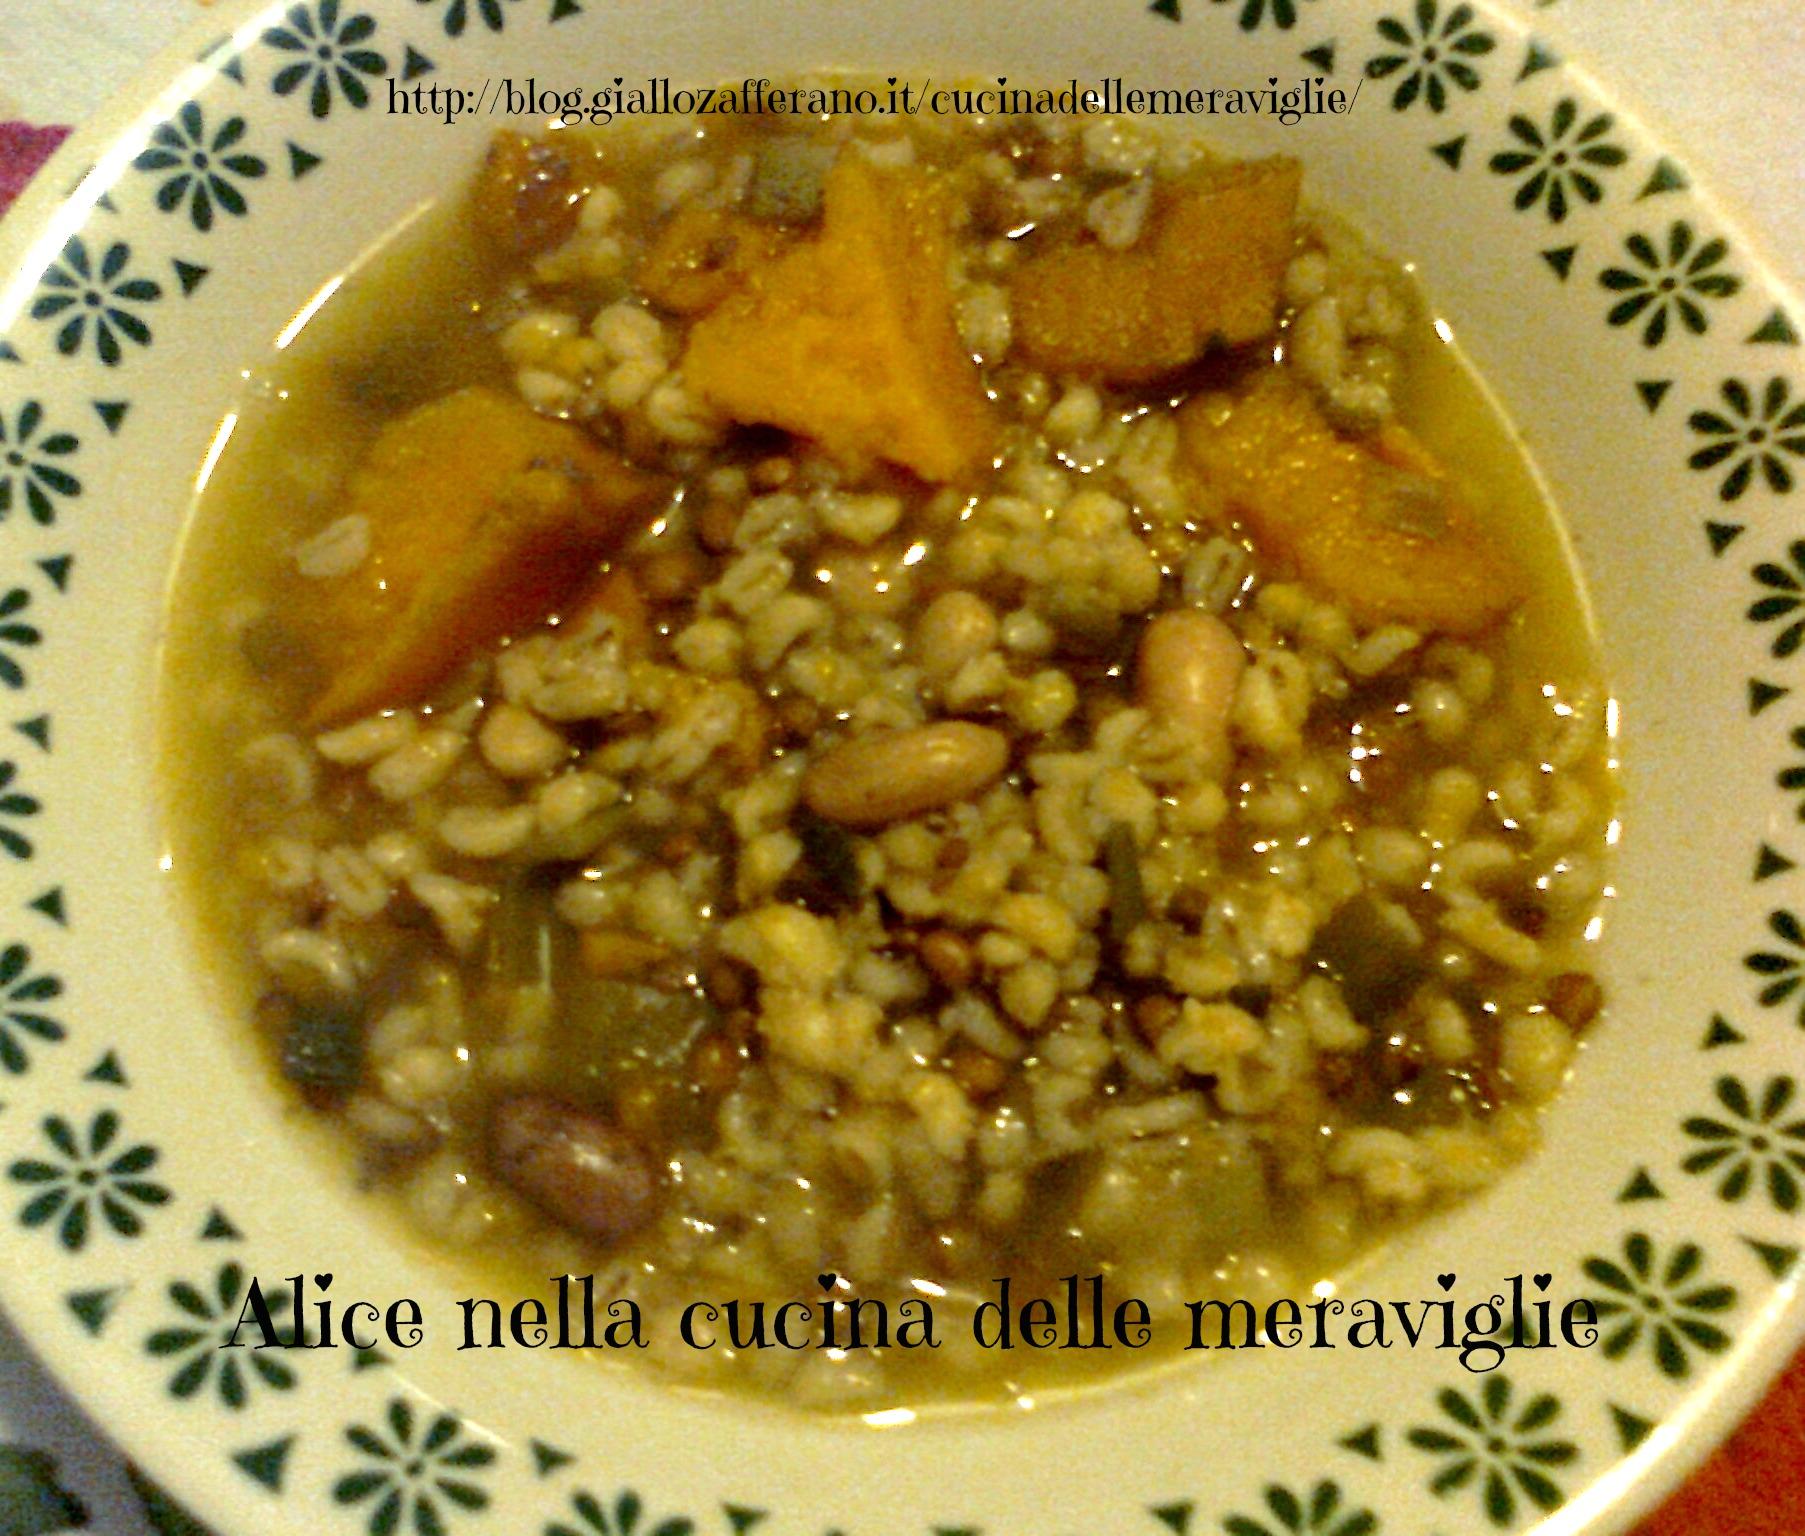 Zuppa di verdure e legumi ricetta semplice Alice nella cucina delle meraviglie